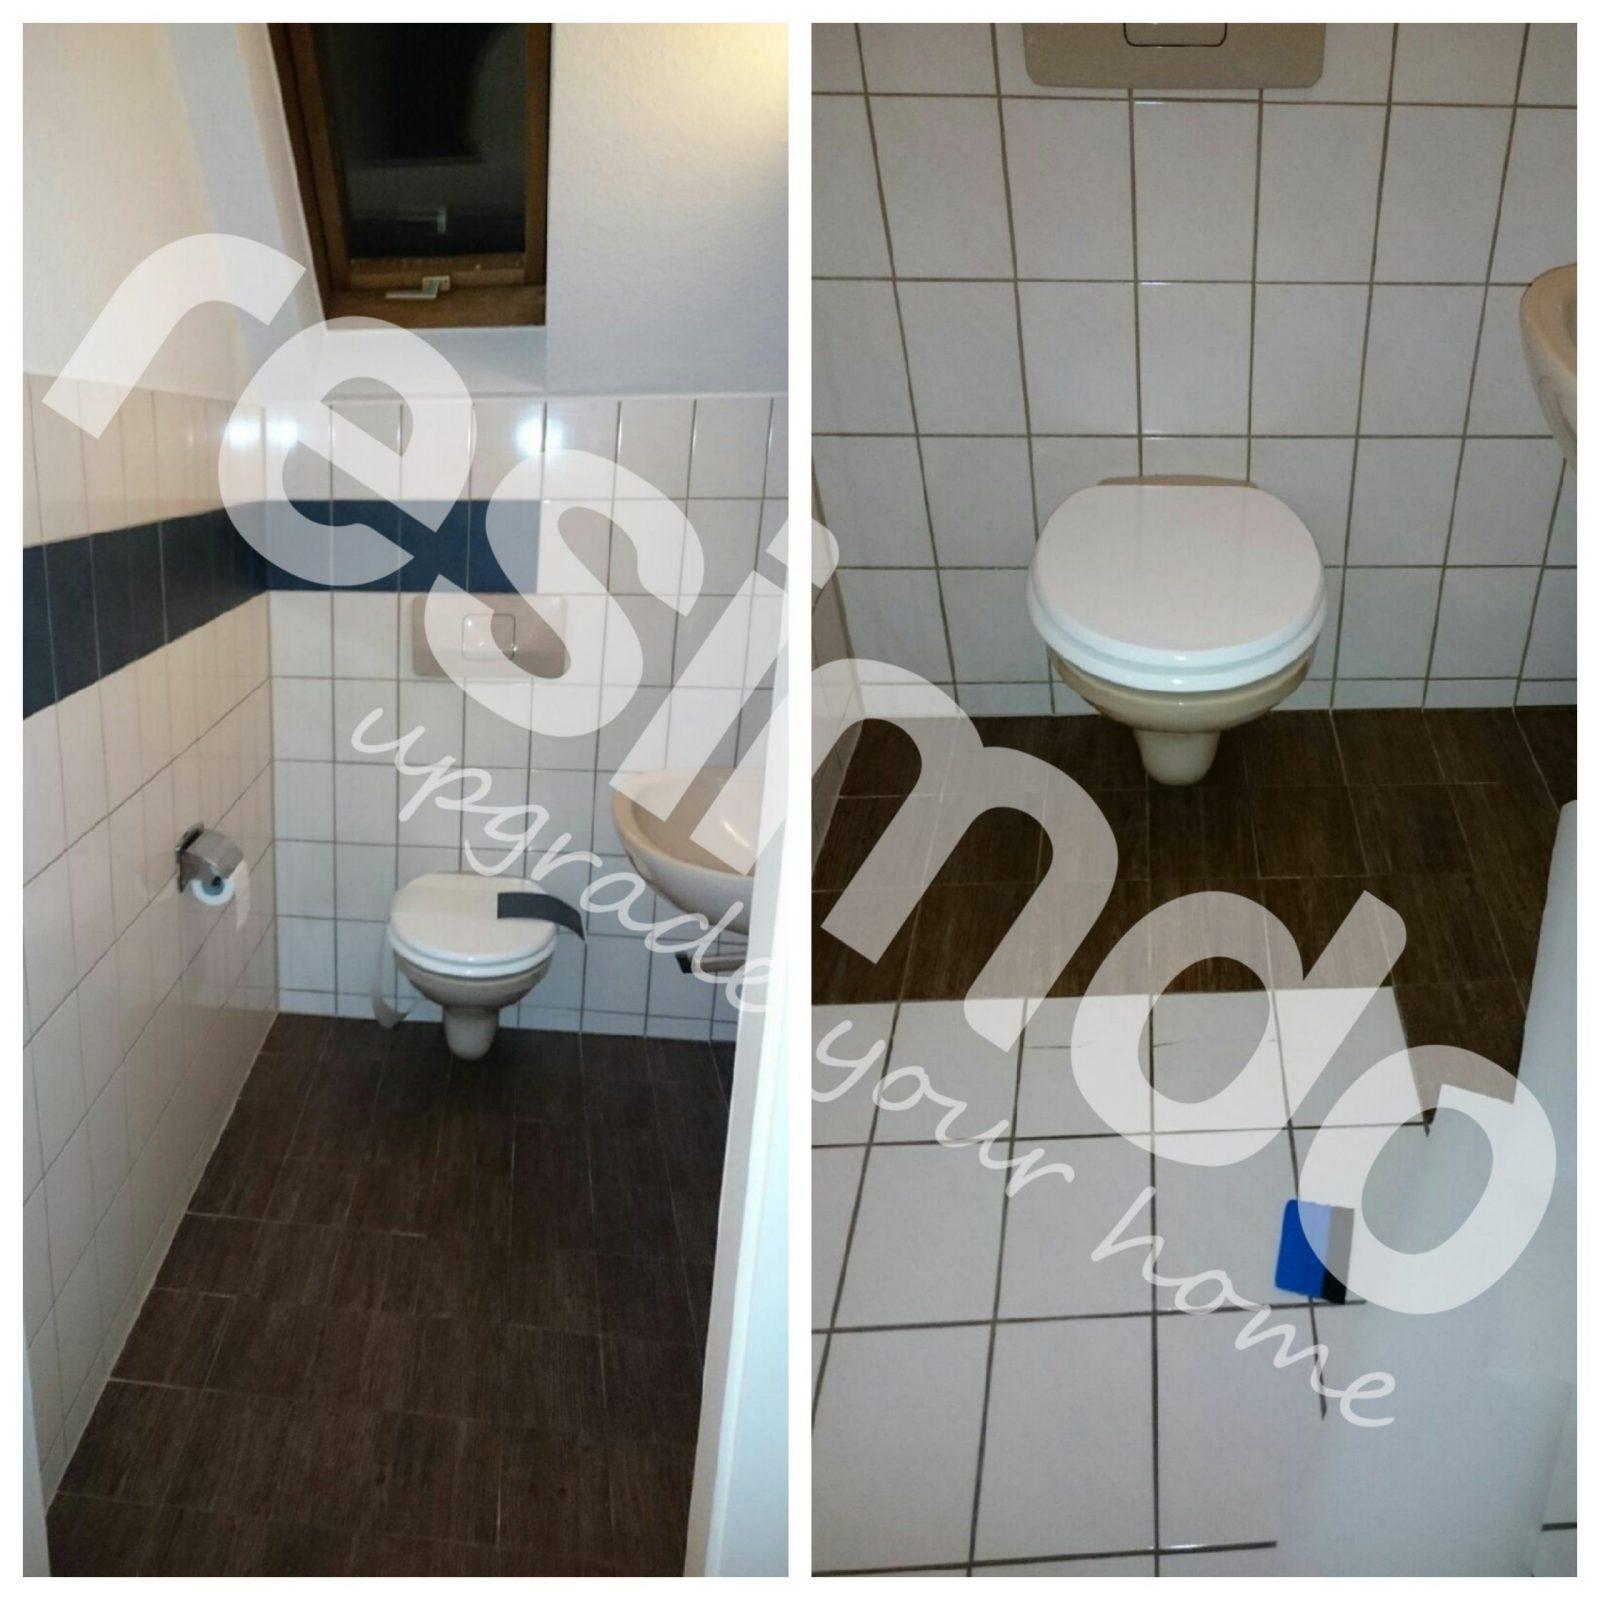 Fliesen Toilette Folieren Renovieren Holz Bekleben Diy von Fliesen Überkleben Vorher Nachher Photo